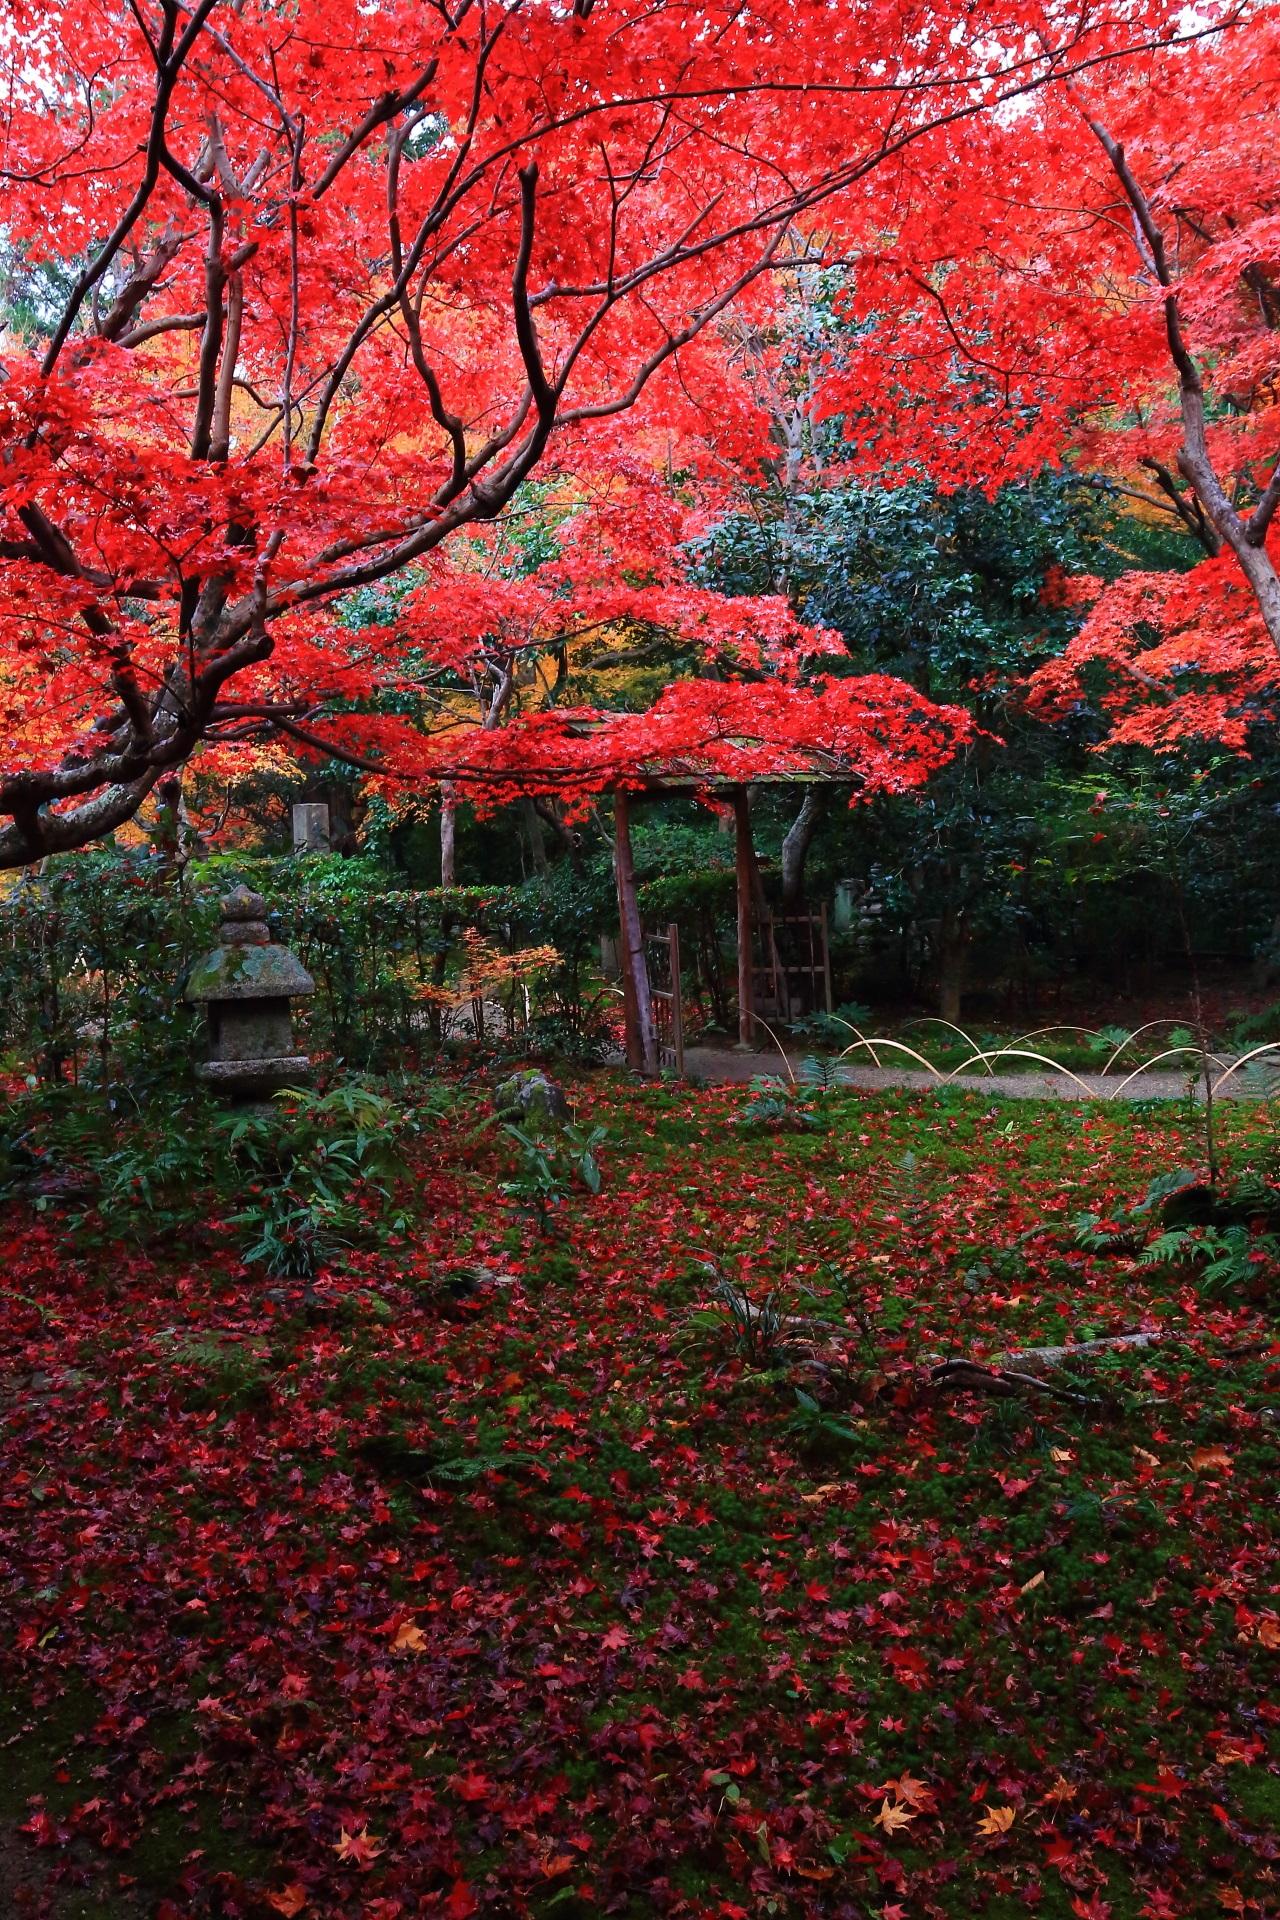 厭離庵の素晴らしい紅葉と秋の情景